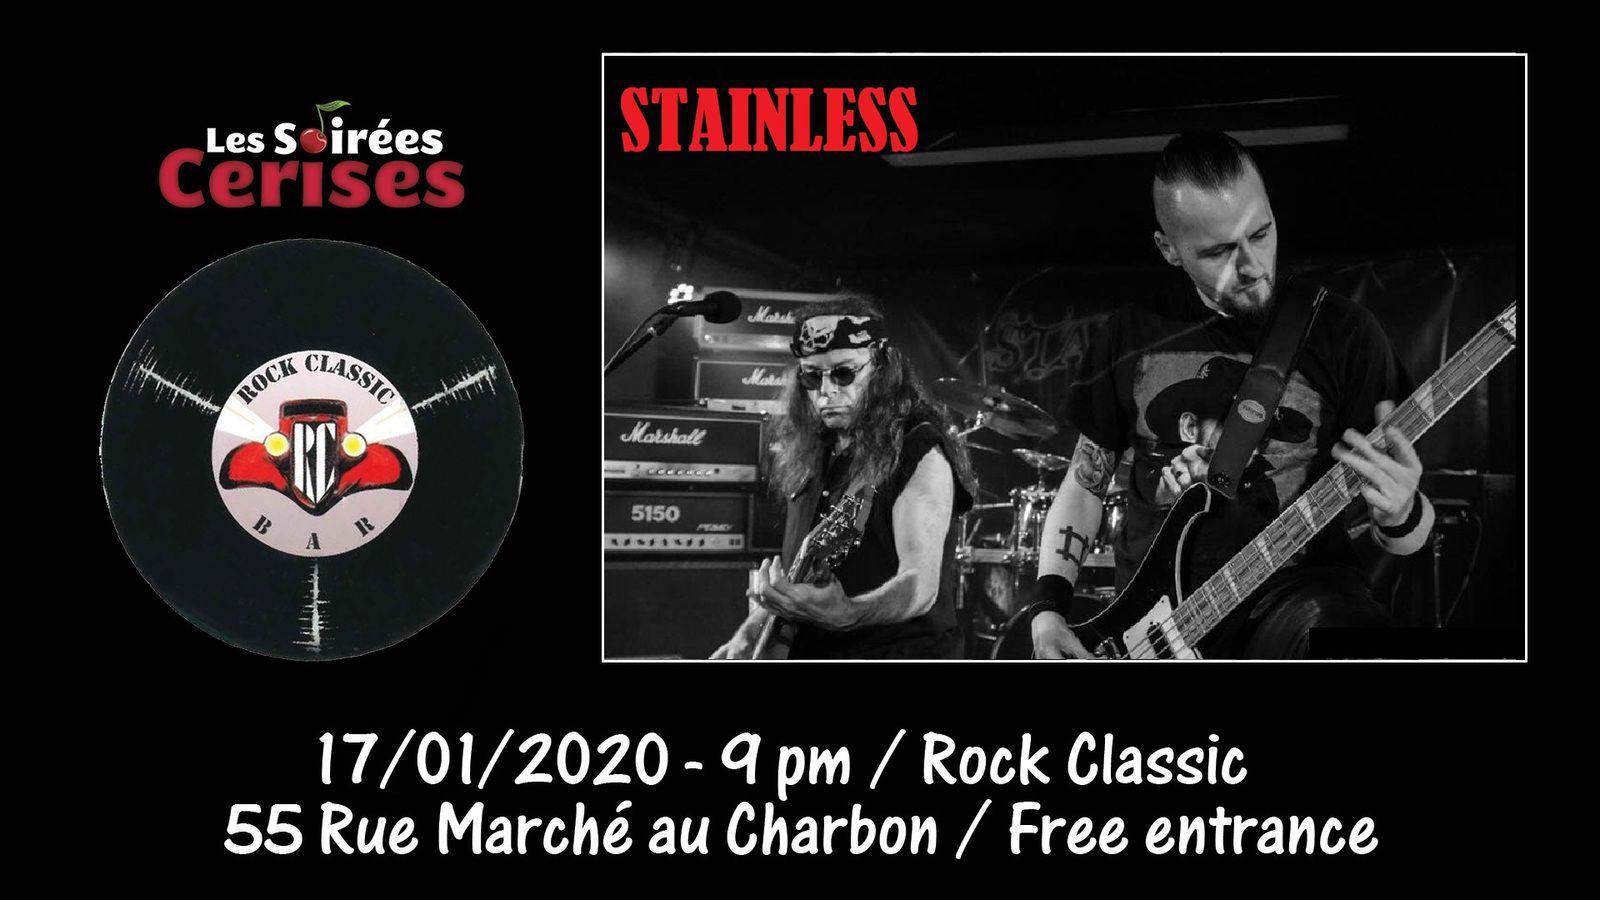 🎵 Stainless @ Rock Classic - 17/01/2020 - 21h00 - Entrée gratuite / Free entrance